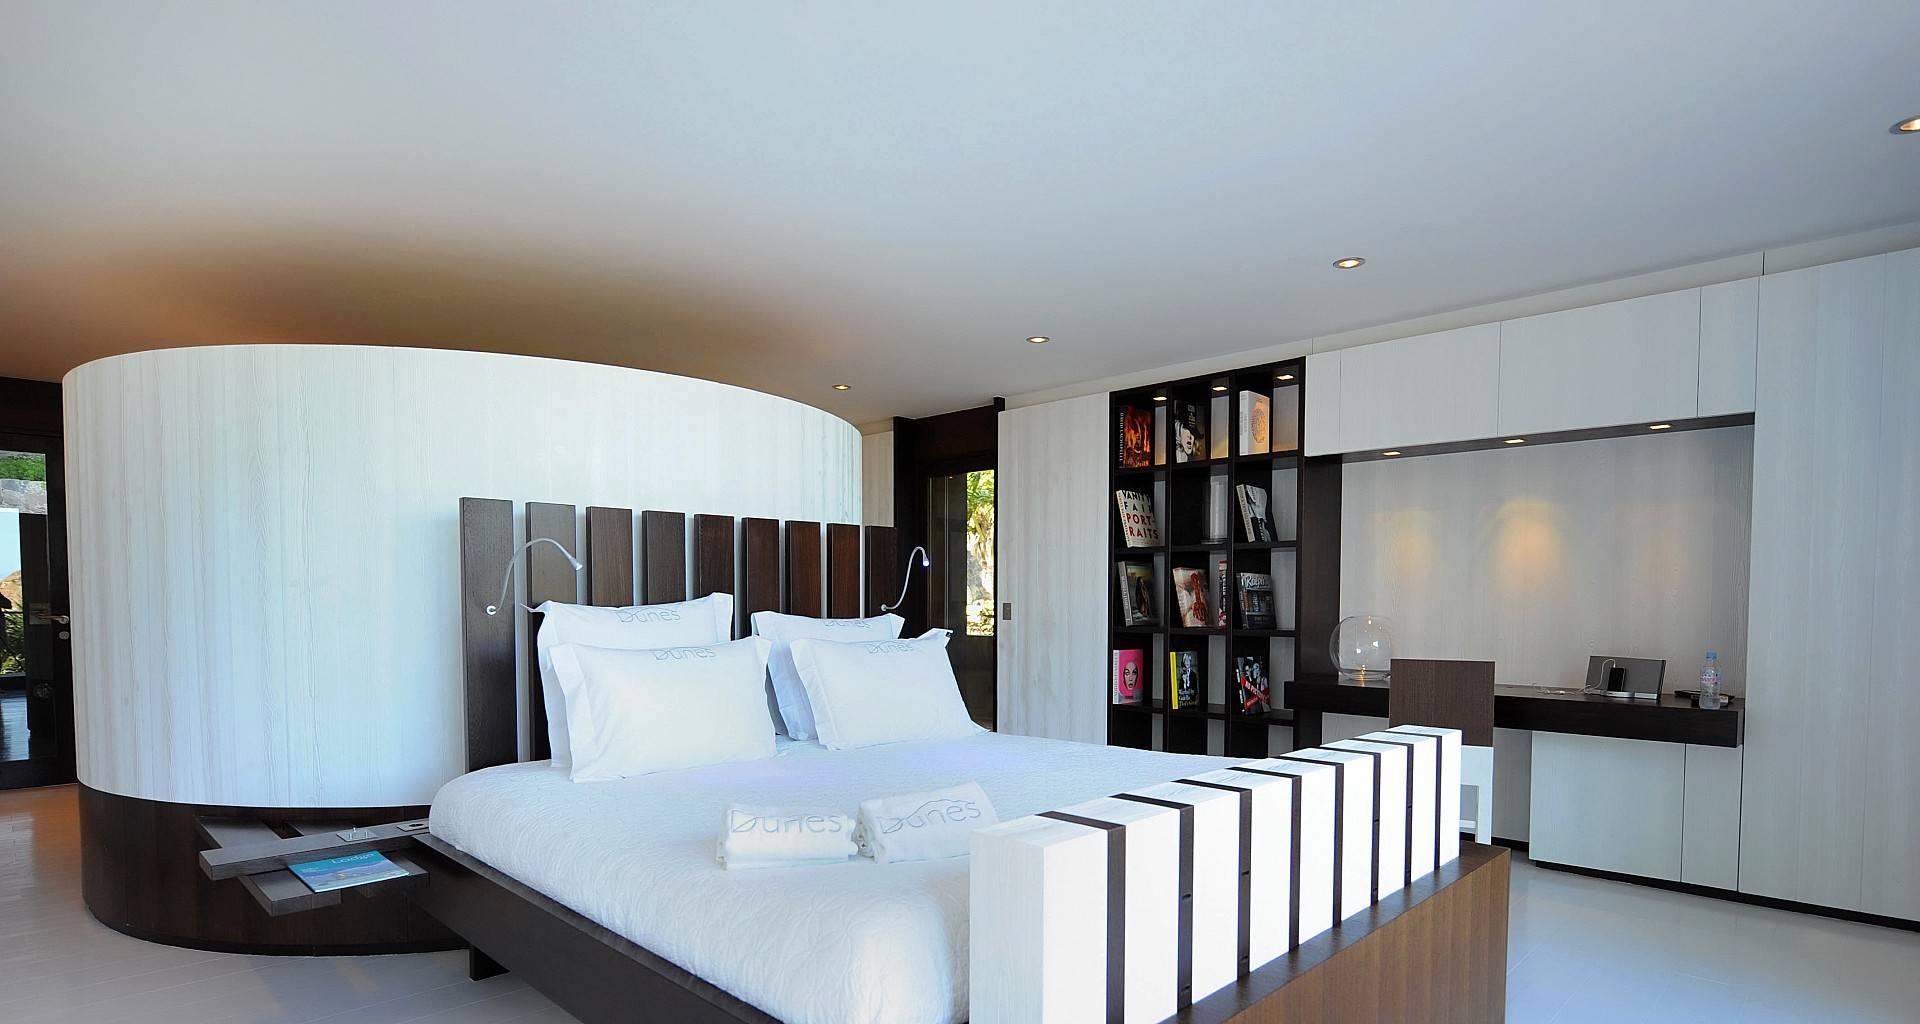 Villa Dunes Bedroom 1